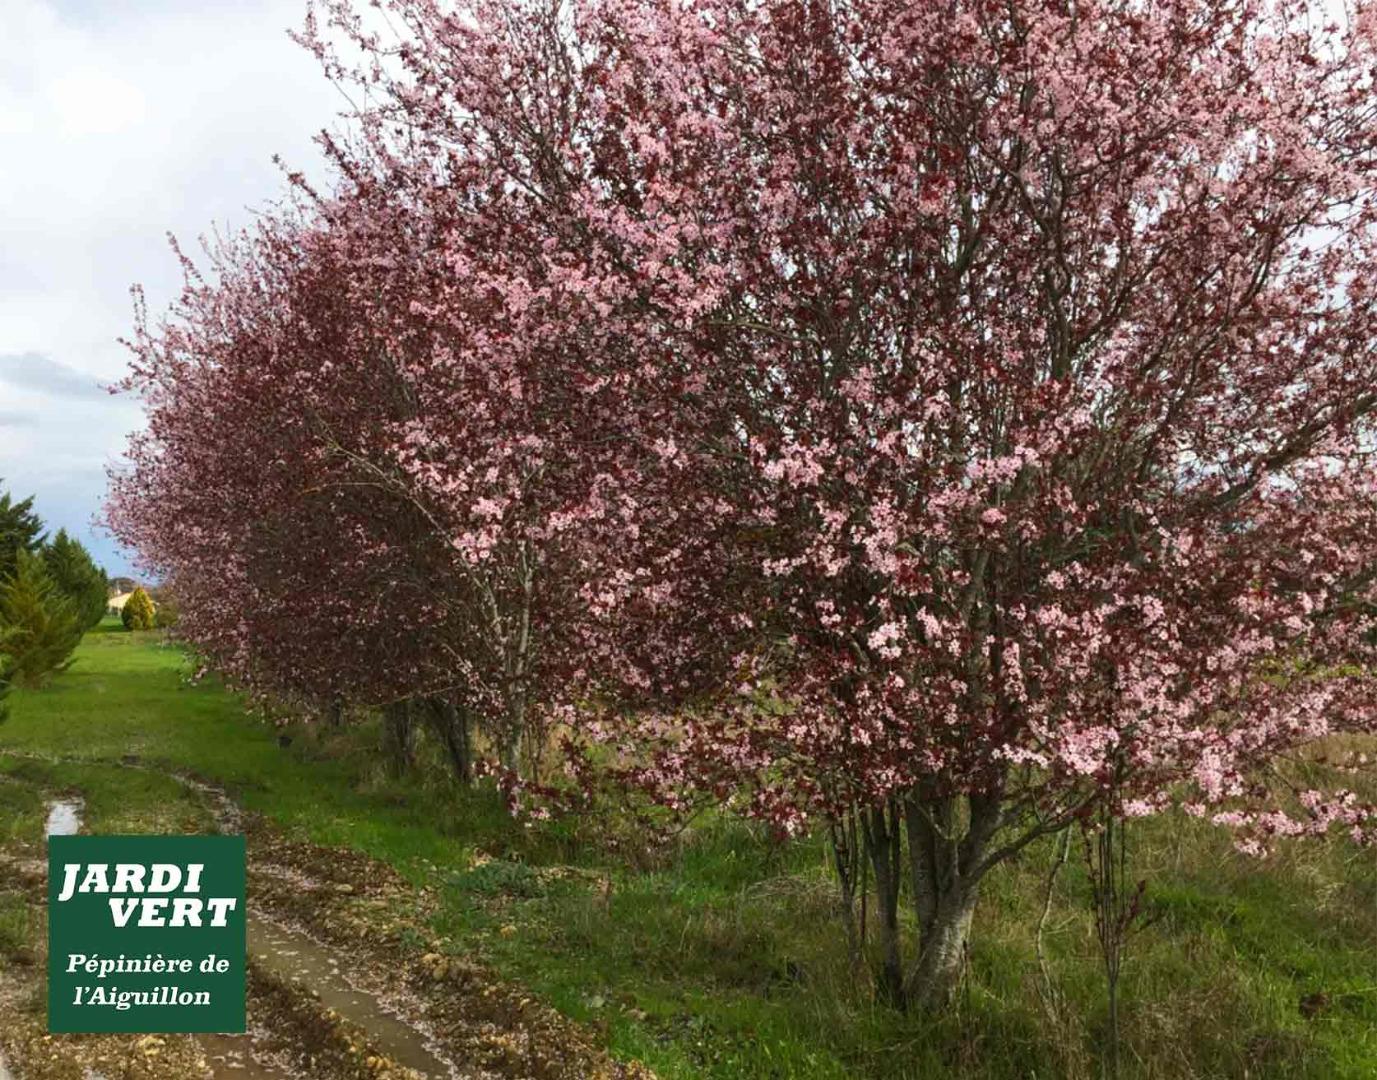 Vente de grands prunus pissardii adultes (ou Prunus cerasifera nigra) en champs à Frouzins